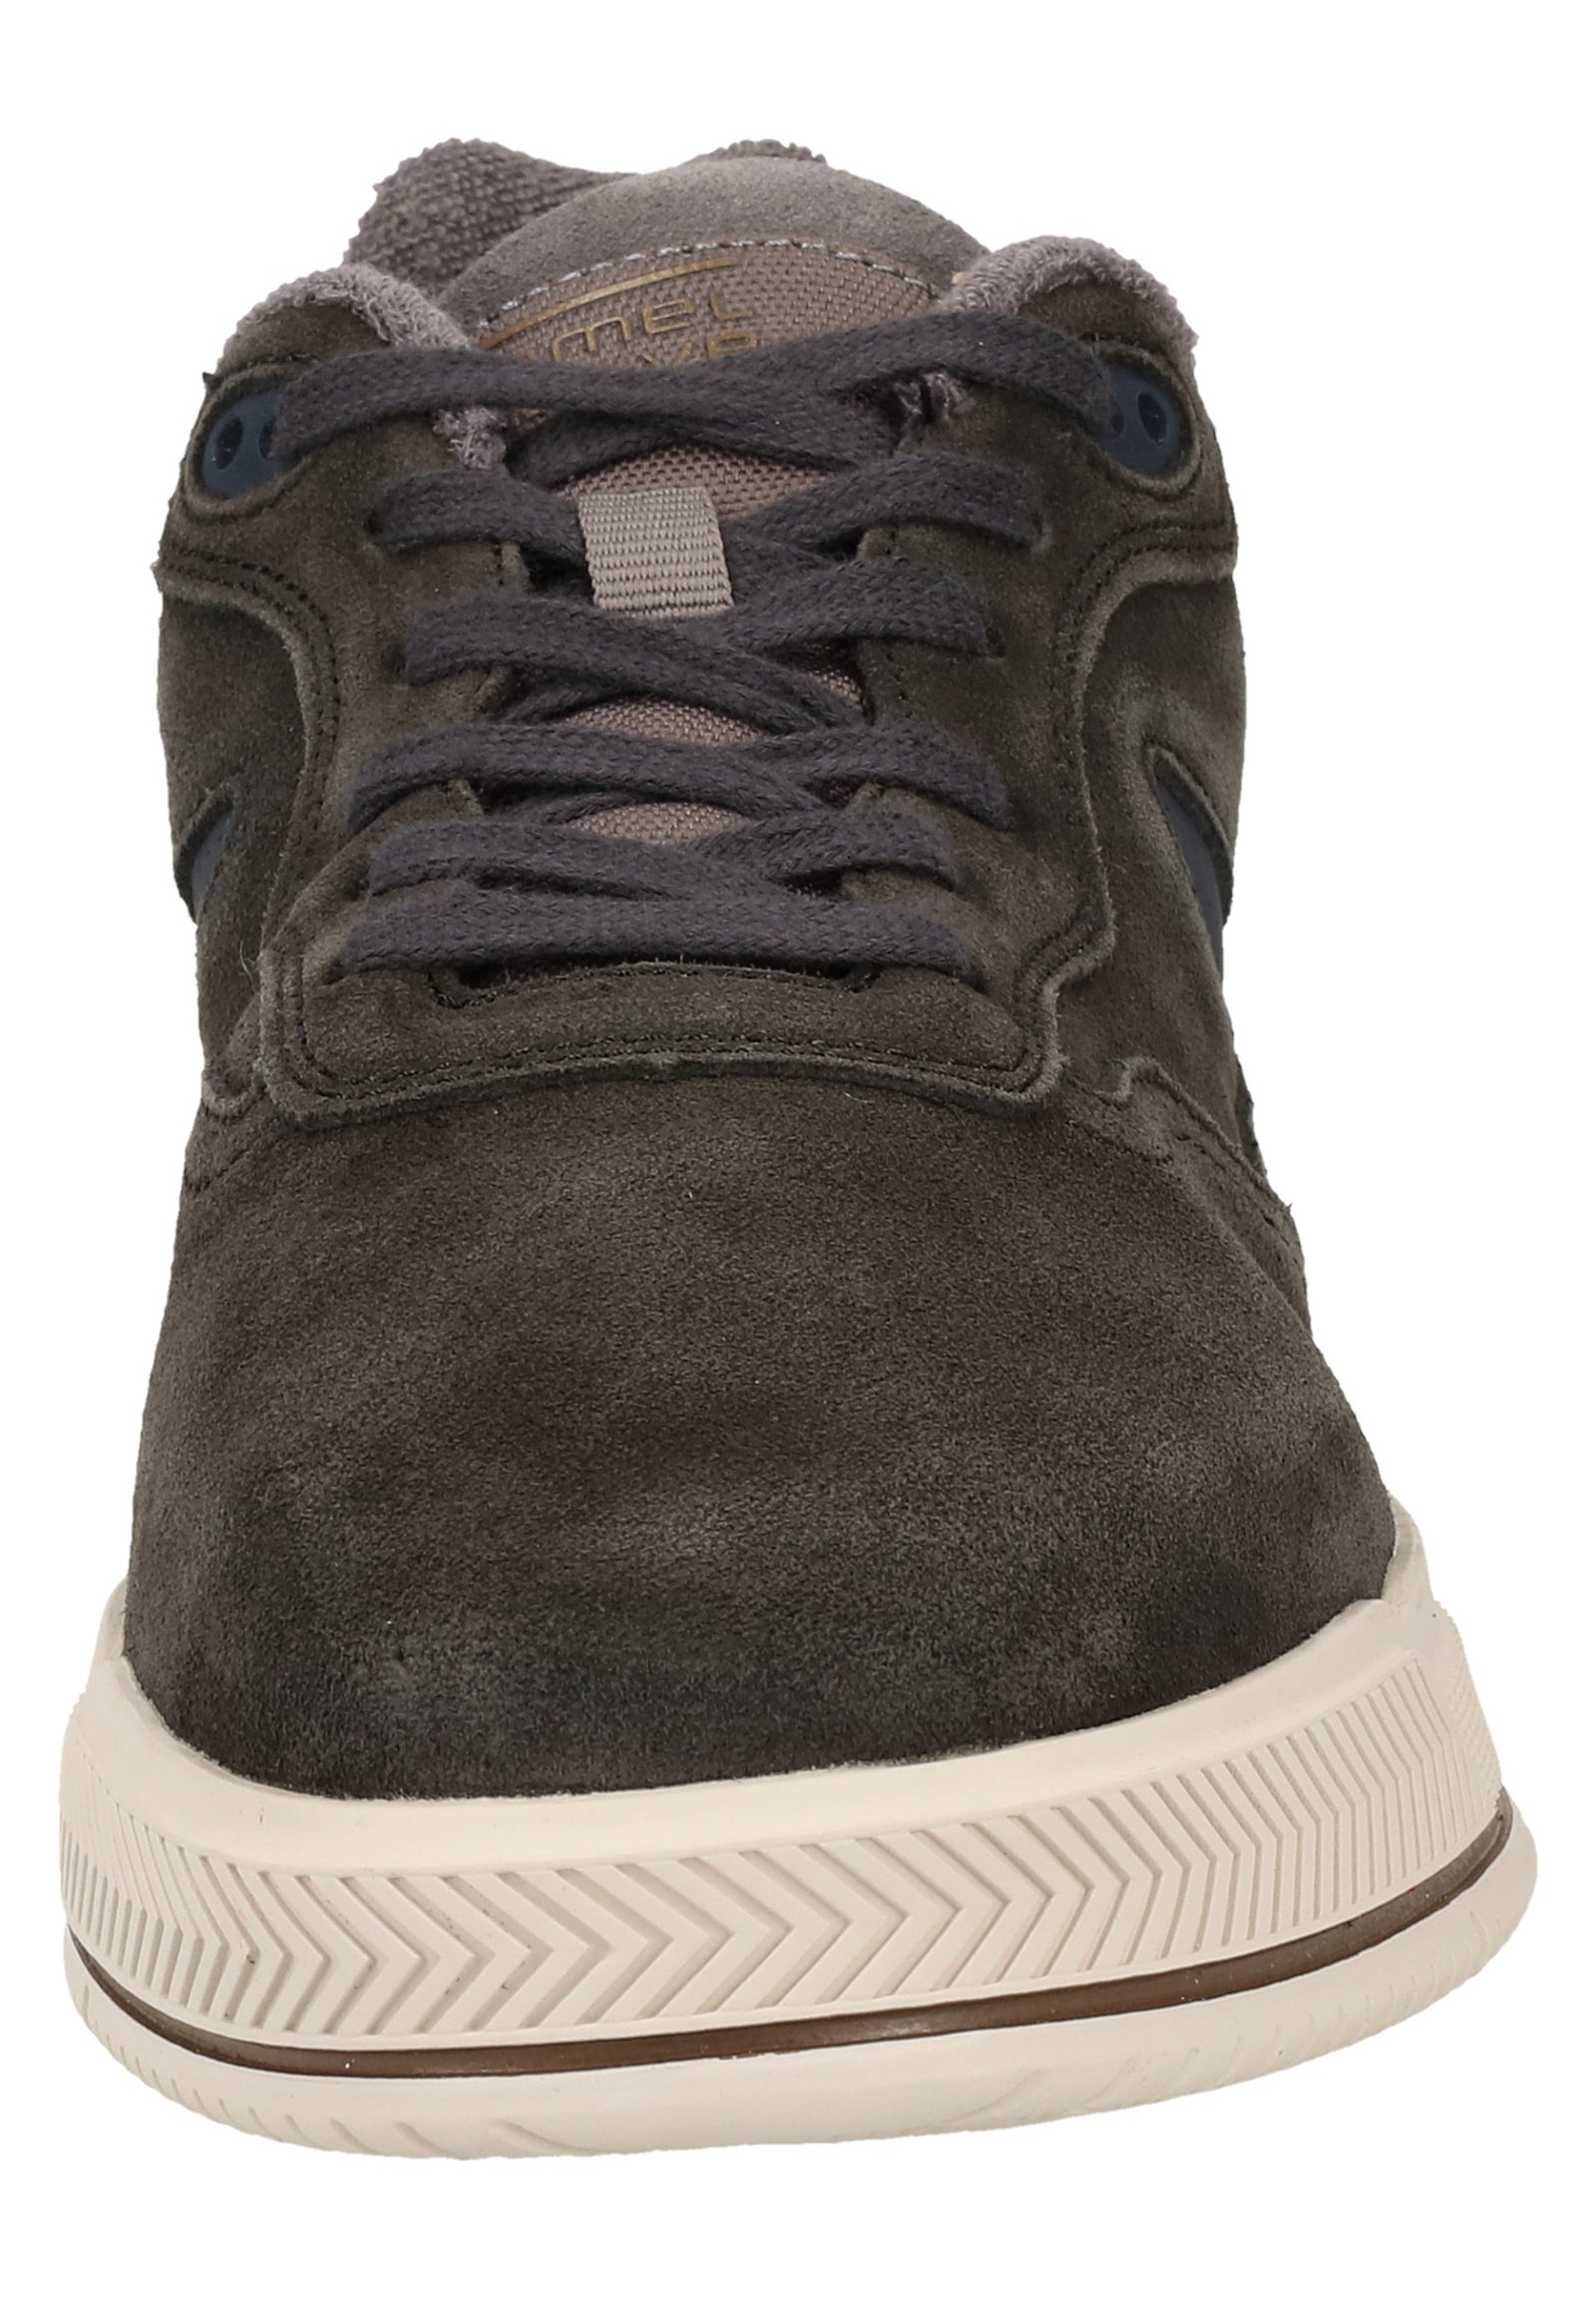 camel active Sneaker low - dk navy blue c672/dunkelblau - Herrenschuhe RM1Kf